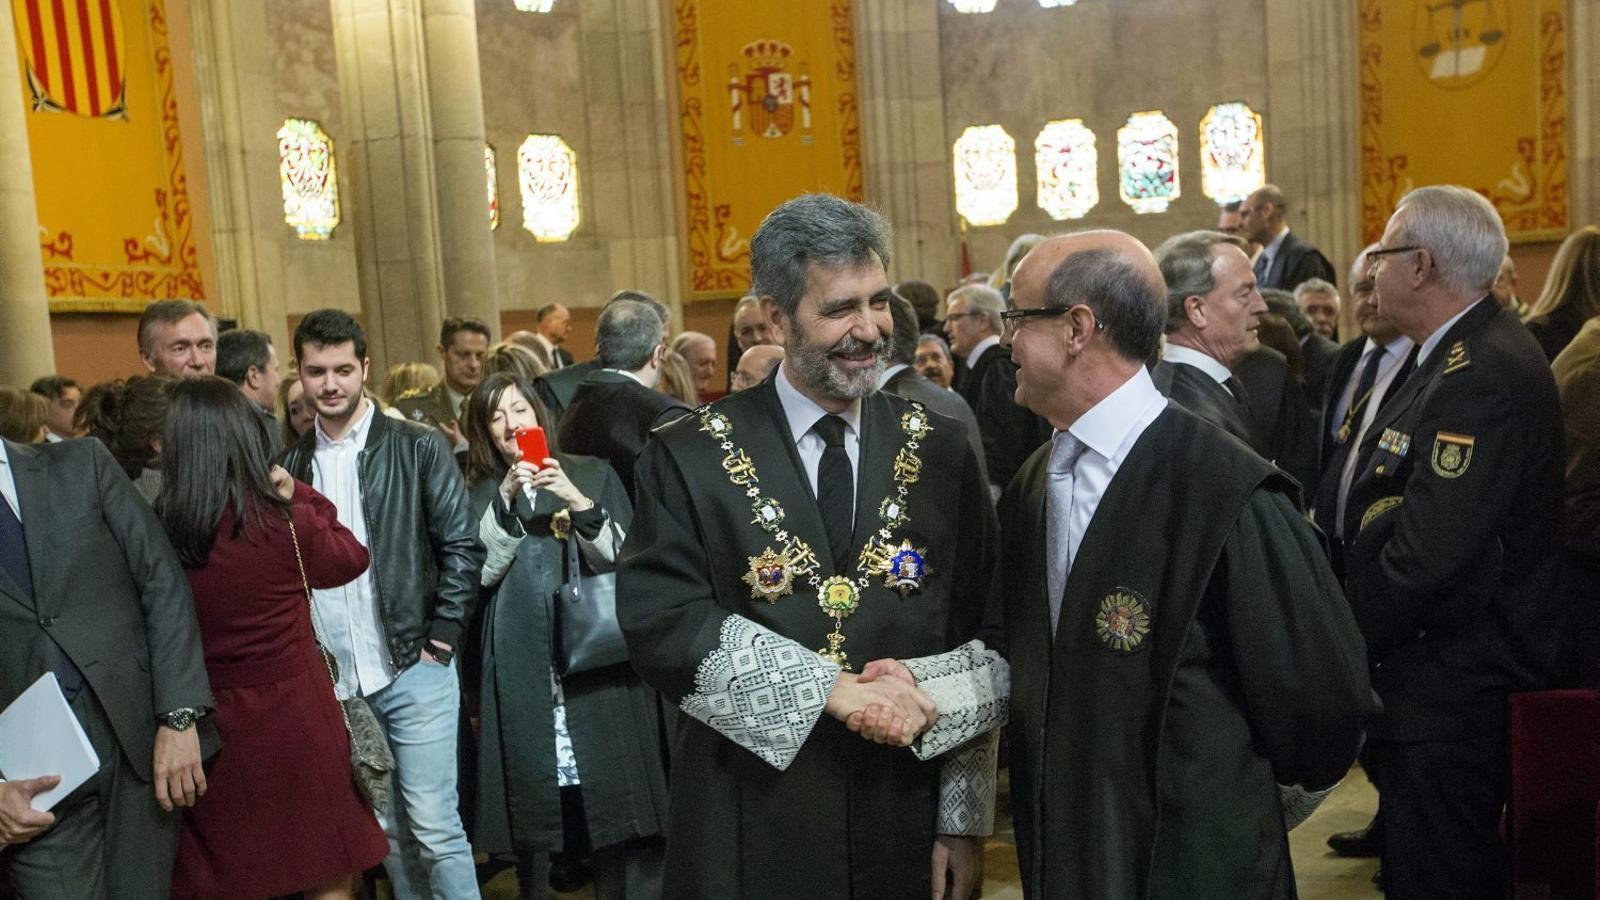 El president del CGPJ, Carlos Lesmes -a l'esquerra-, felicitant el nou president del TSJC, Jesús María Barrientos.